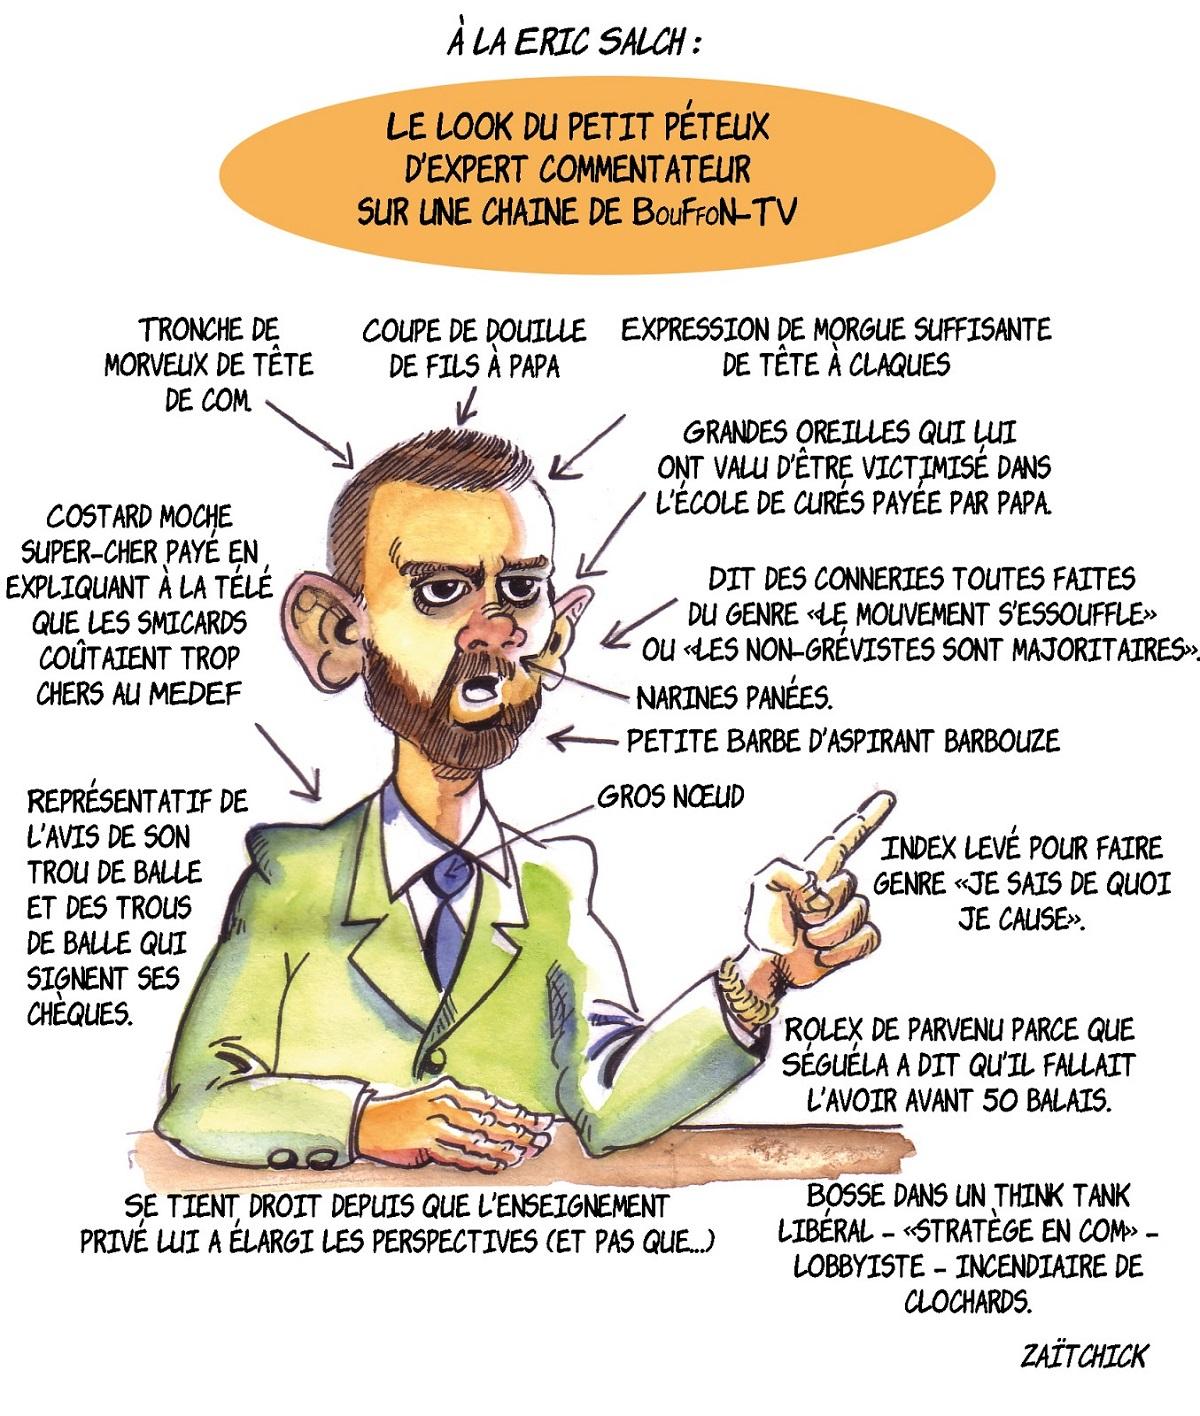 dessin d'actualité drôle présentant un expert de BFMTV